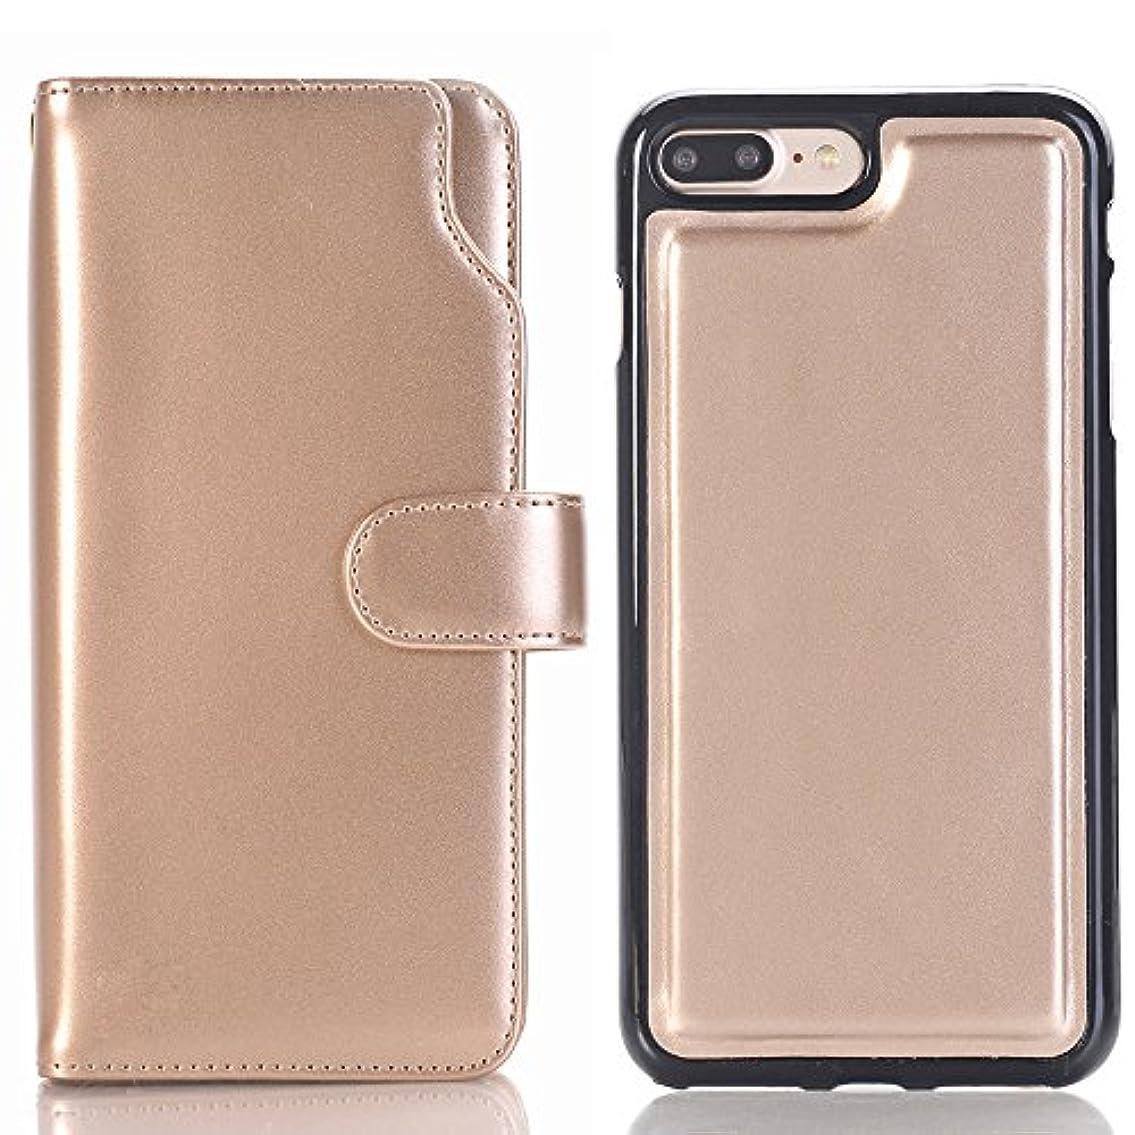 ジャングル慰め引っ張るiPhone 6 Plus ケース 分離可能、SIMPLE DO 良質レザー おしゃれデザイン カード収納 傷つけ防止 業務用(ゴールド)